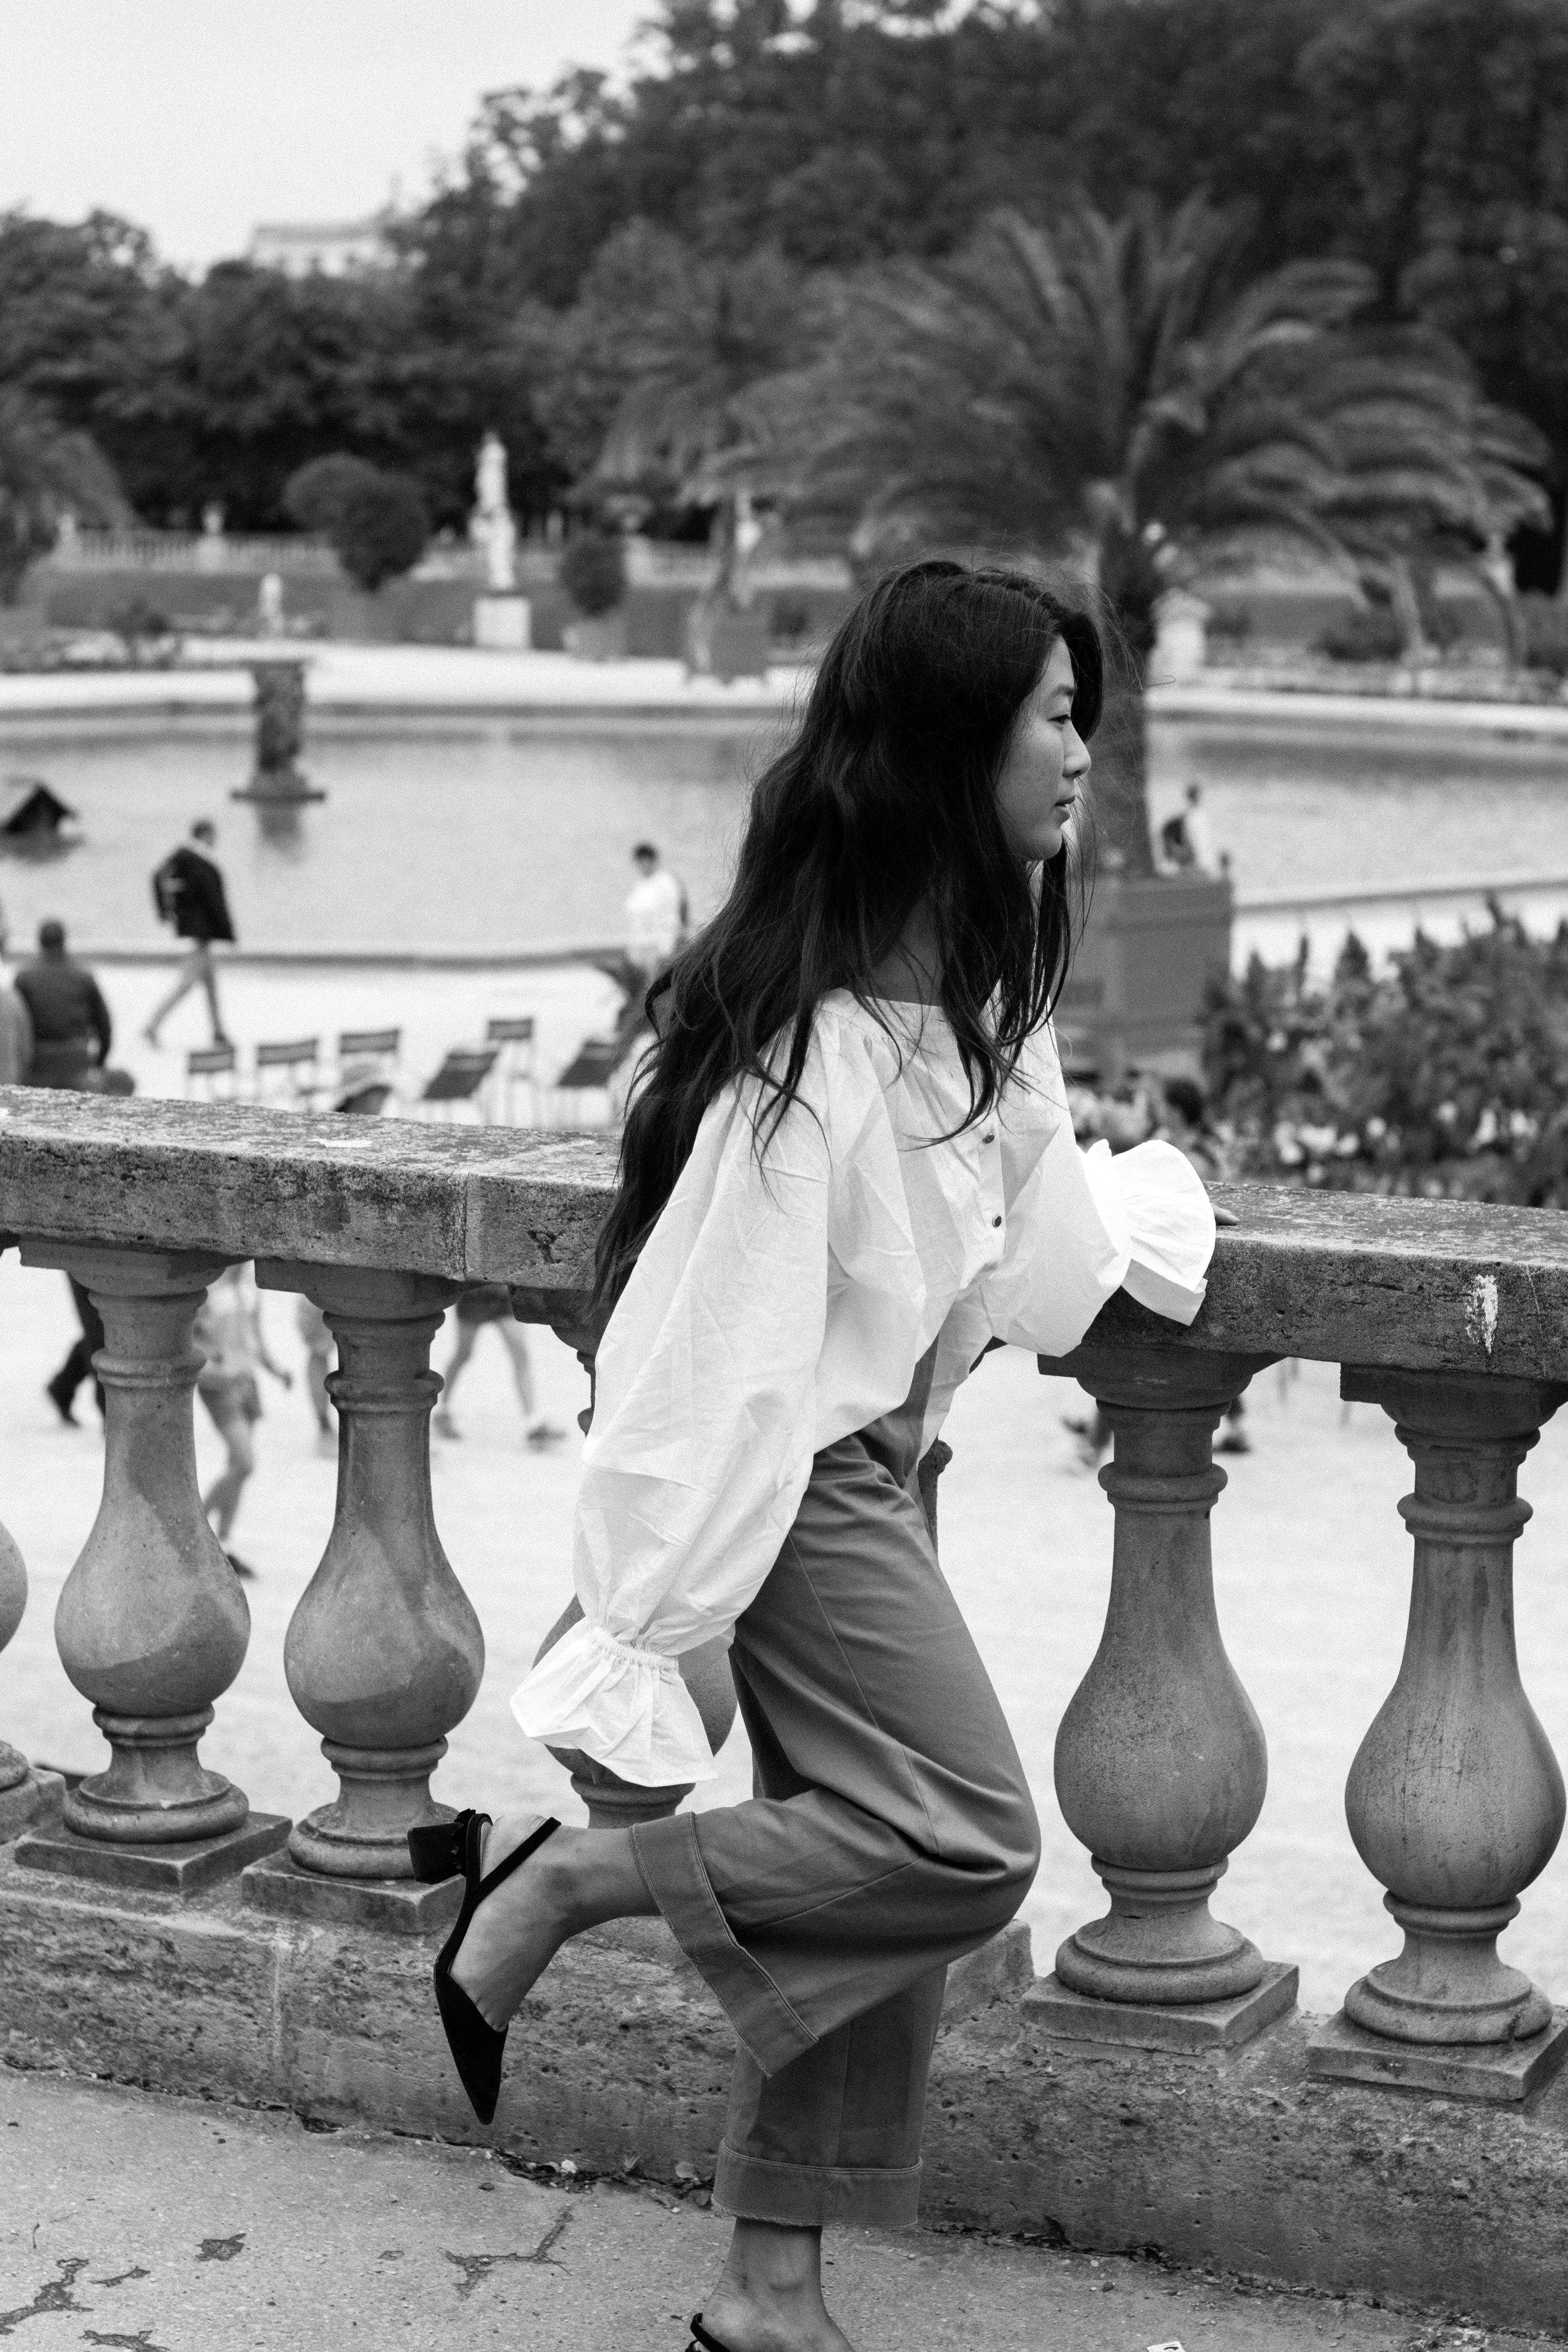 CATHY_PARIS (1 of 1).jpg